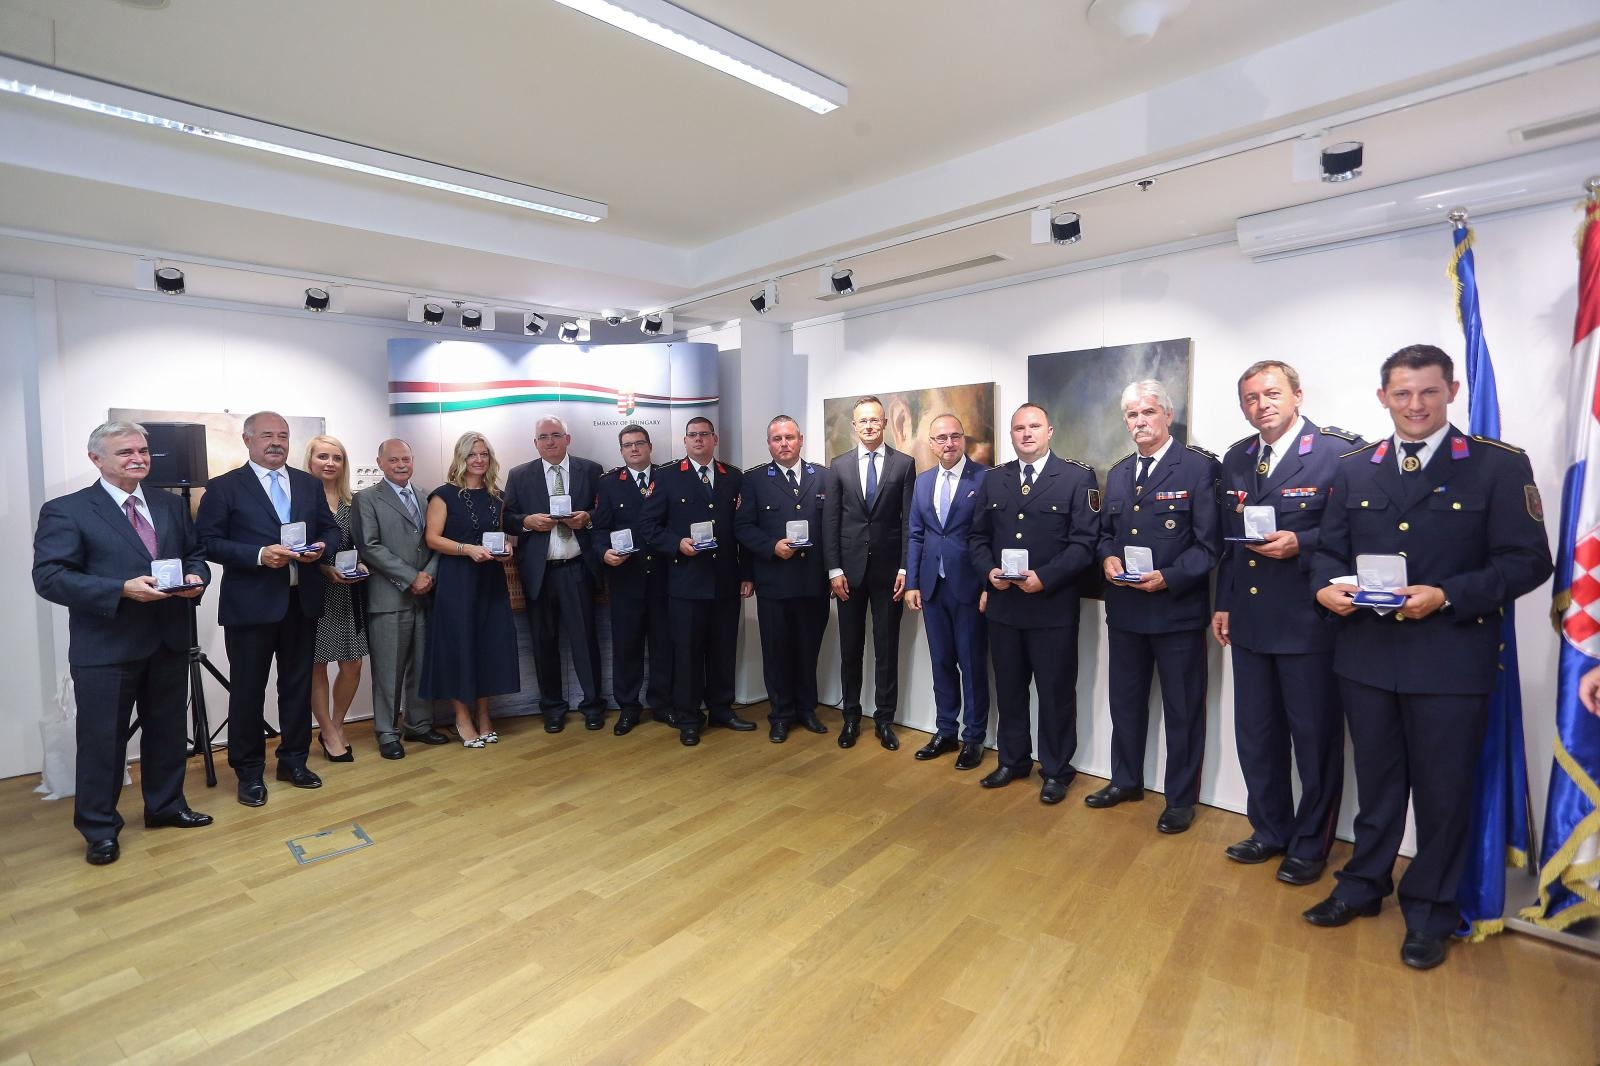 Uručene plakete zelinskim vatrogascima i liječnicima – Mađari zahvalili za hrabrost i stručnost kod Svete Helene